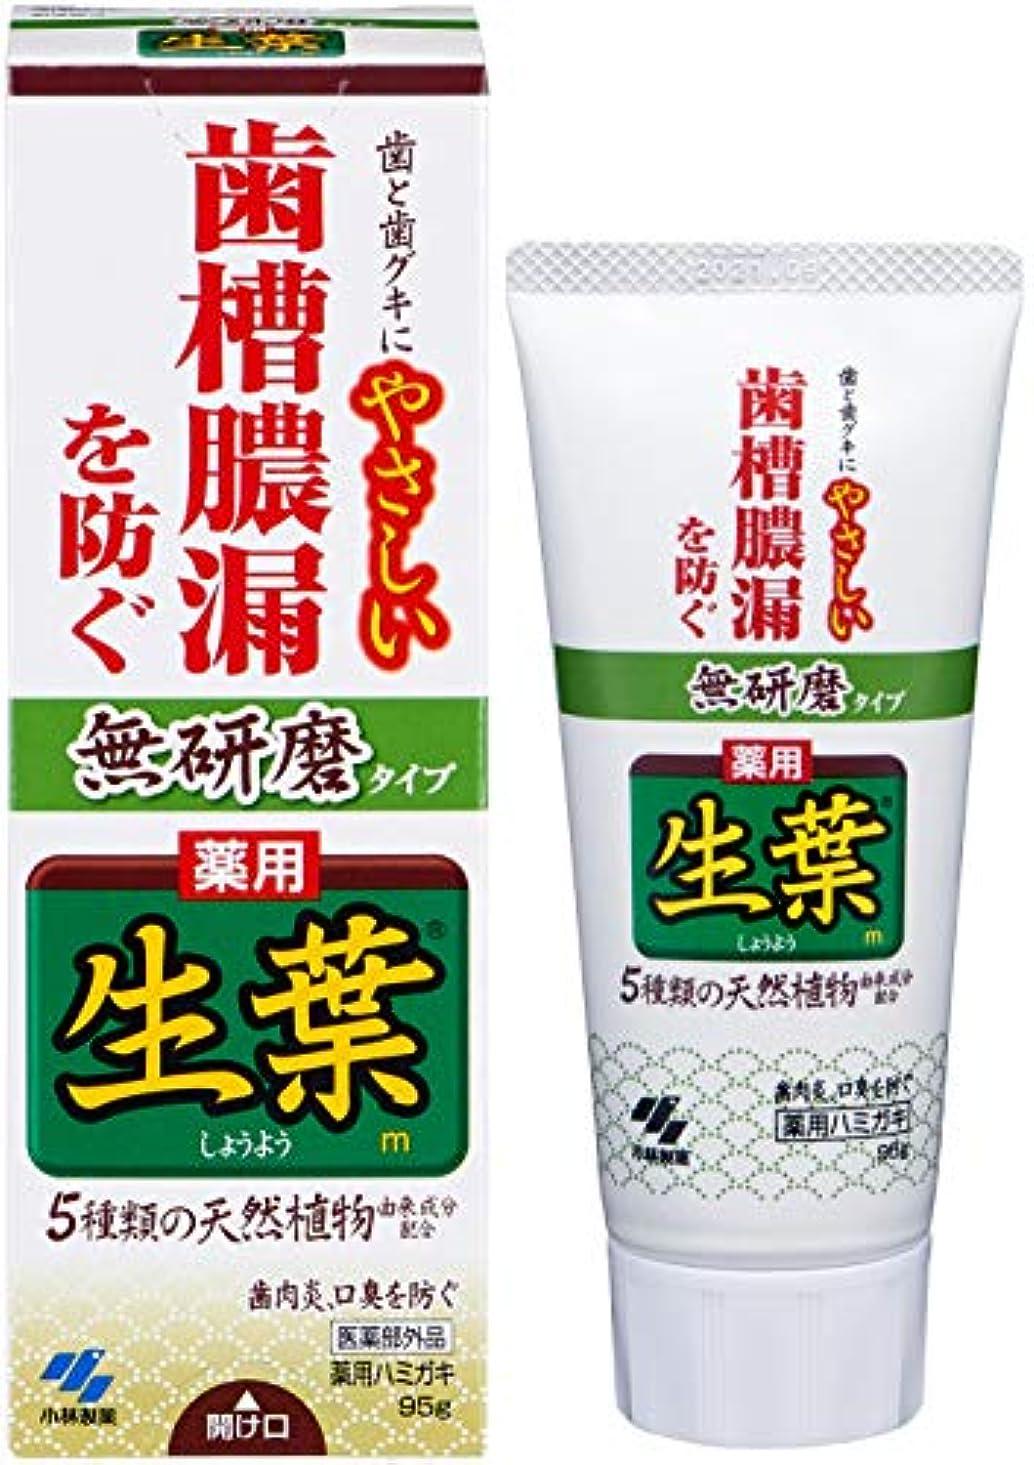 民間白いスポット生葉(しょうよう) 無研磨タイプ 歯槽膿漏を防ぐ 薬用ハミガキ ハーブミント味 95g 【医薬部外品】